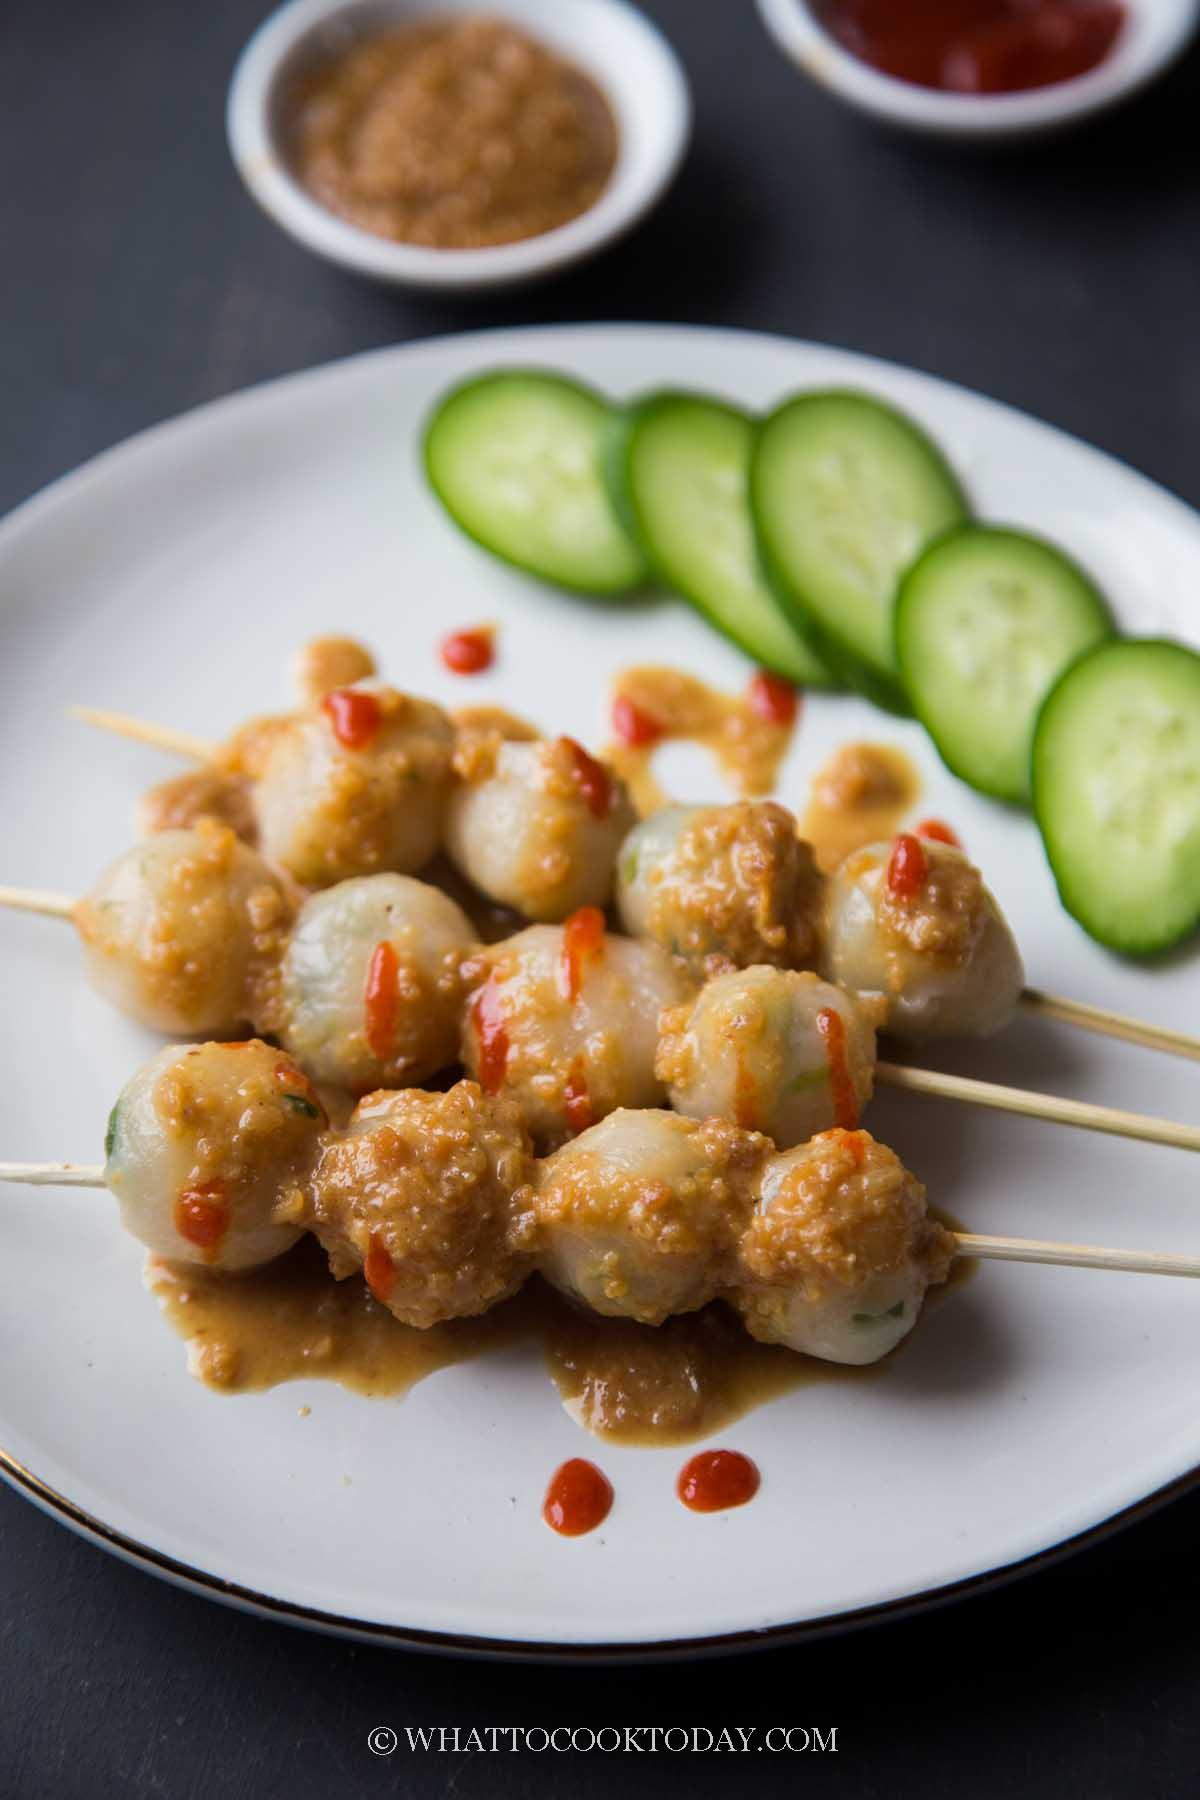 Cilok Bandung (Tapioca Balls with Peanut Sauce)